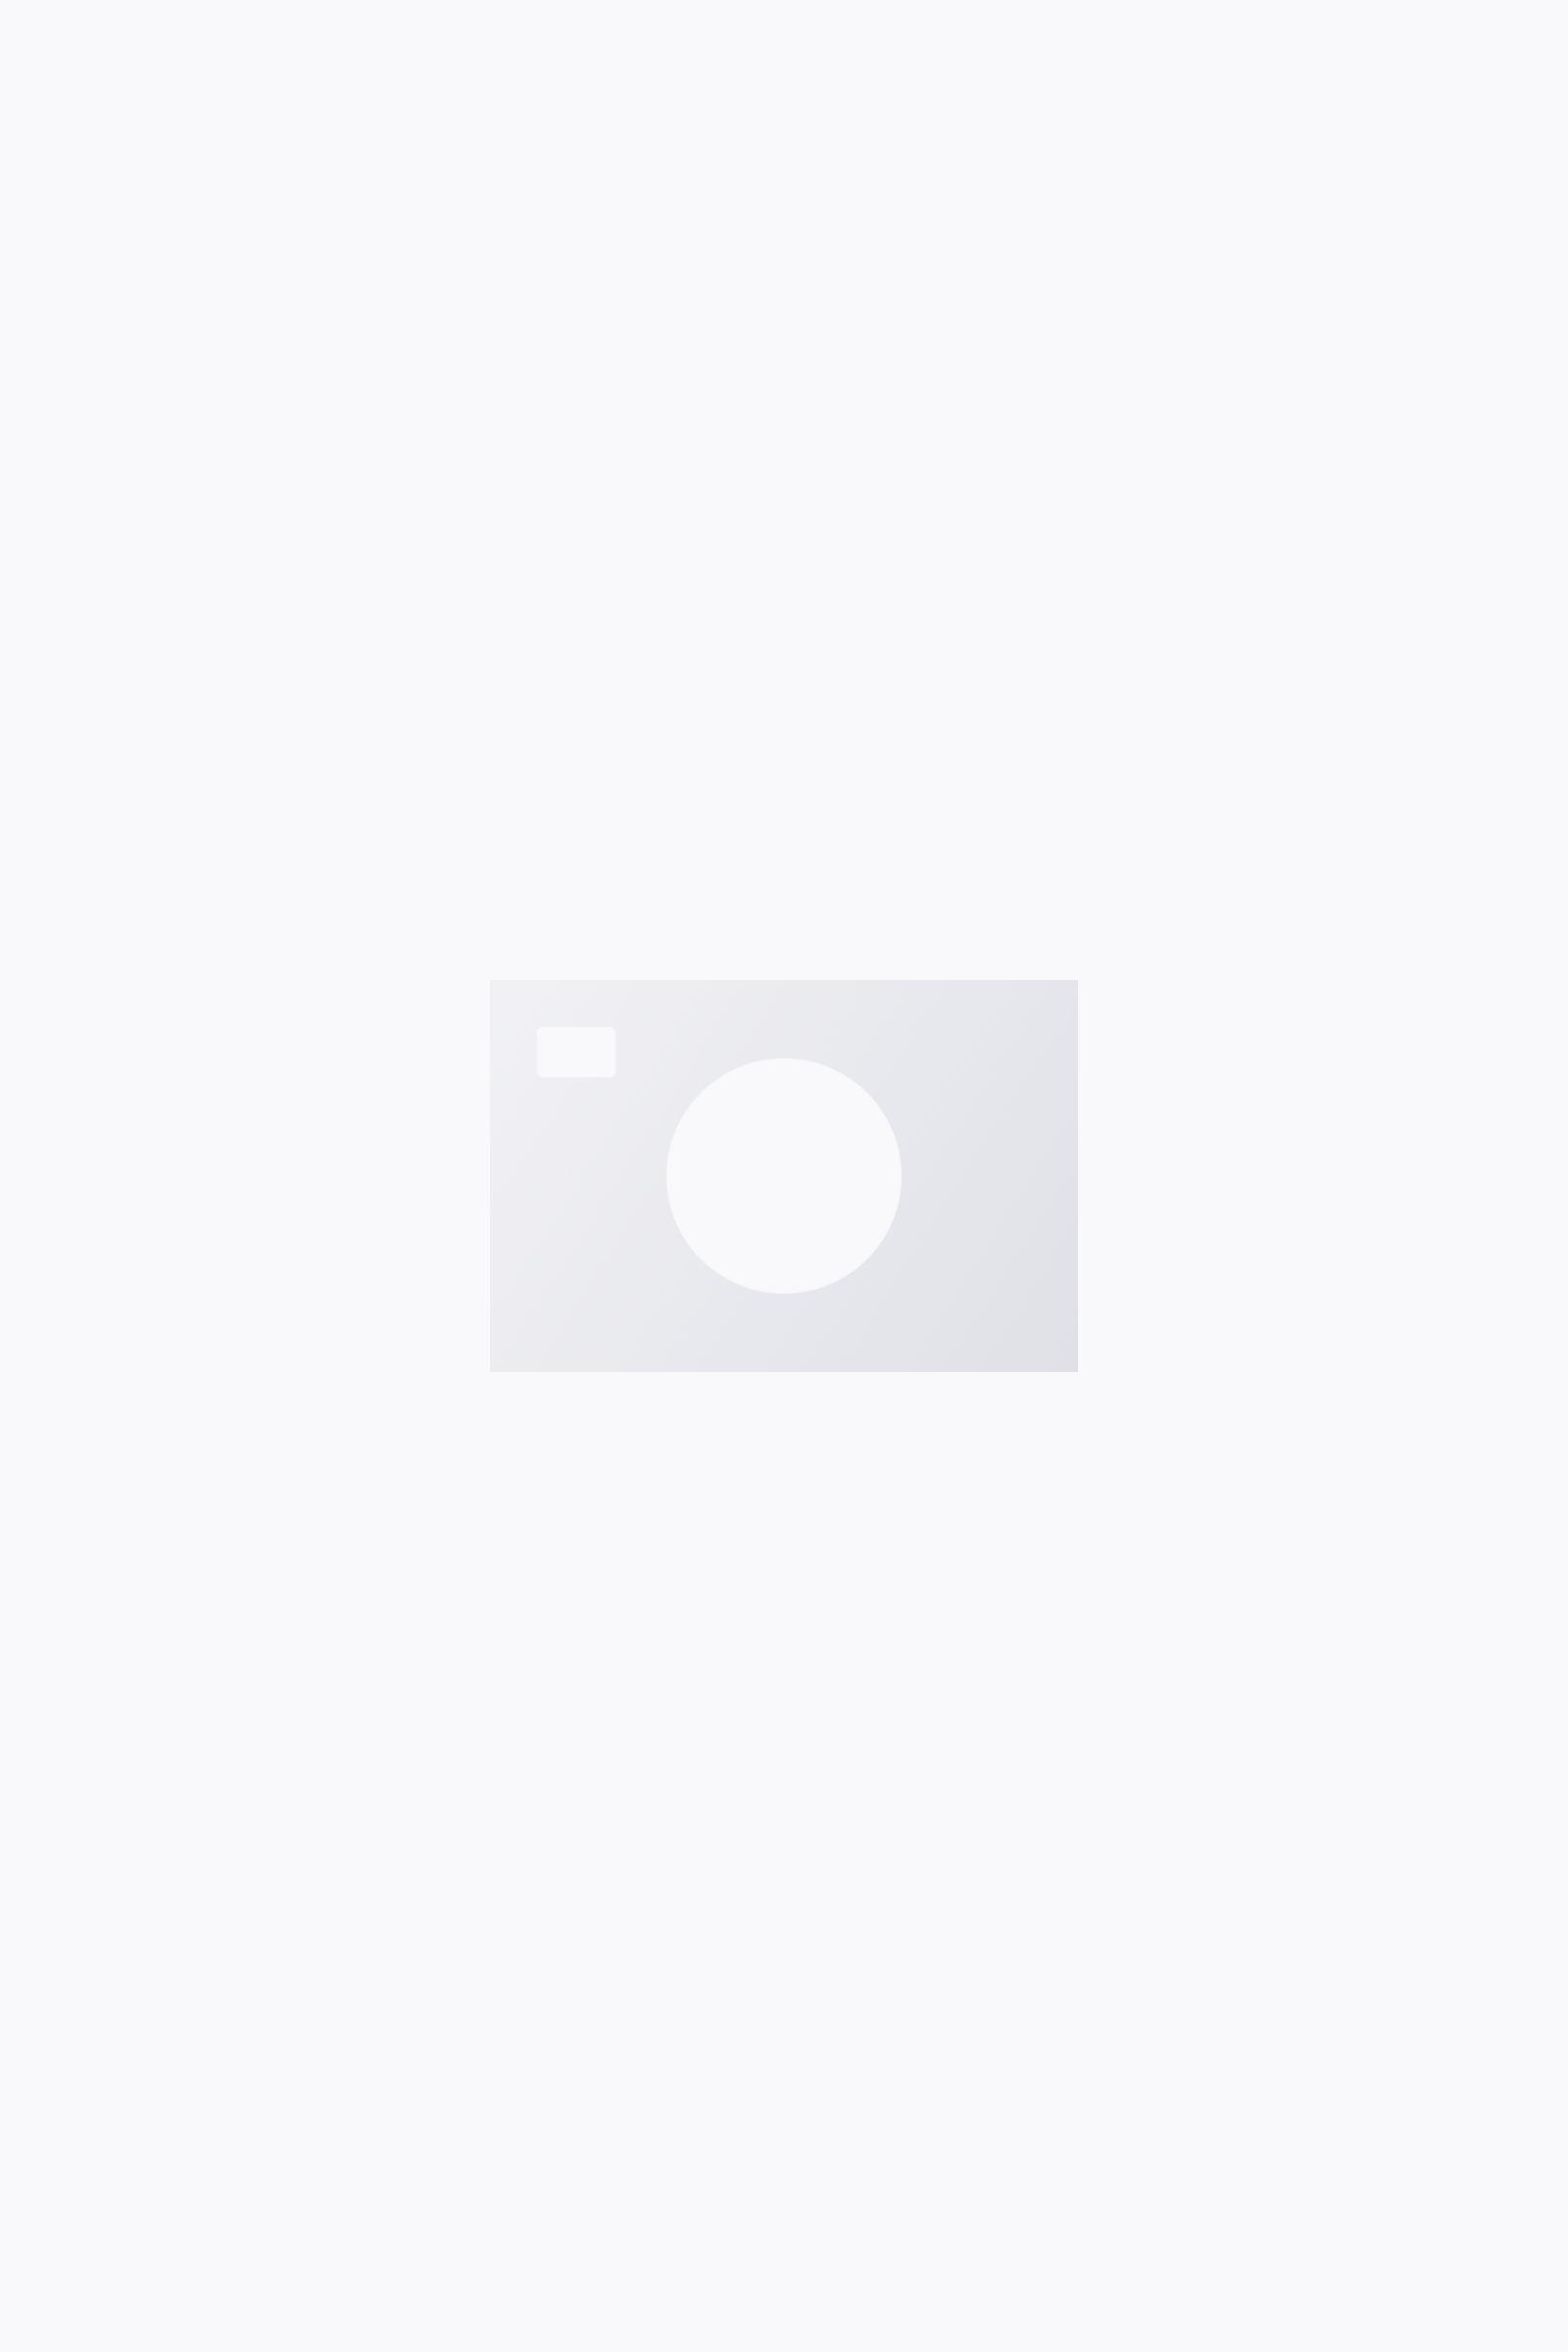 코스 맨 운동용 자켓 COS RECYCLED POLYESTER RUNNING JACKET,Dark green / White